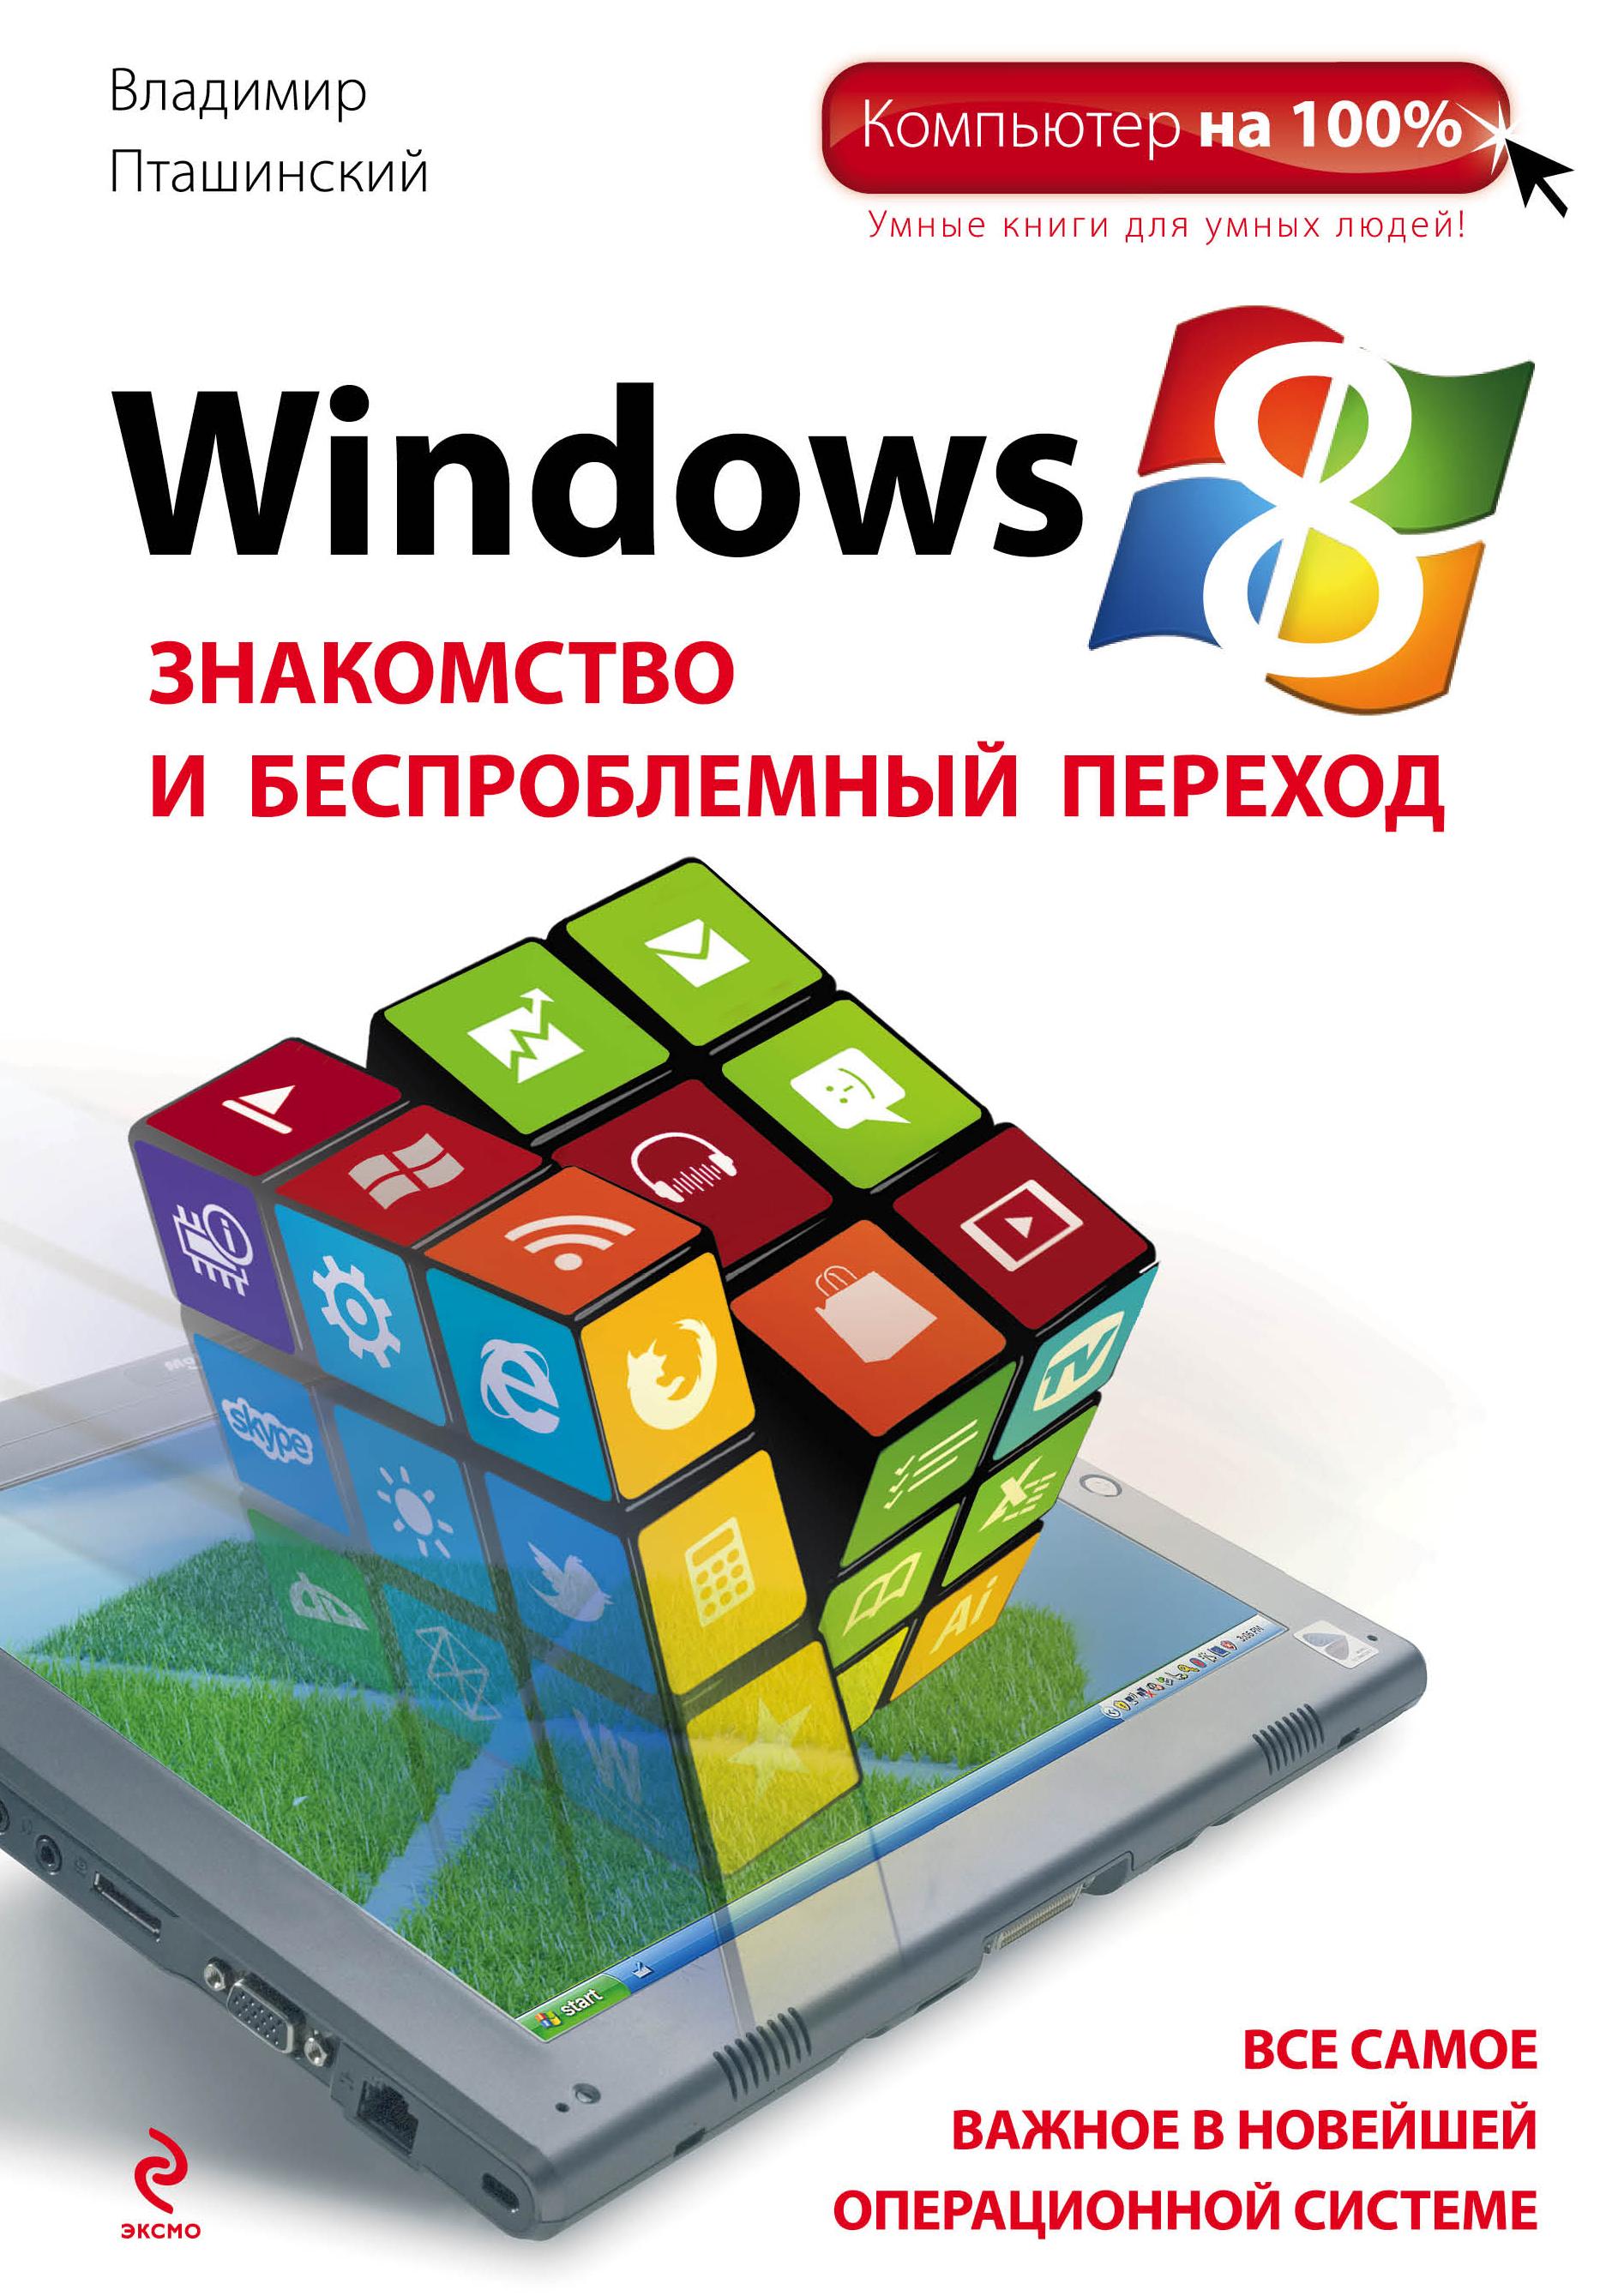 Владимир Пташинский. Windows 8. Знакомство и беспроблемный переход